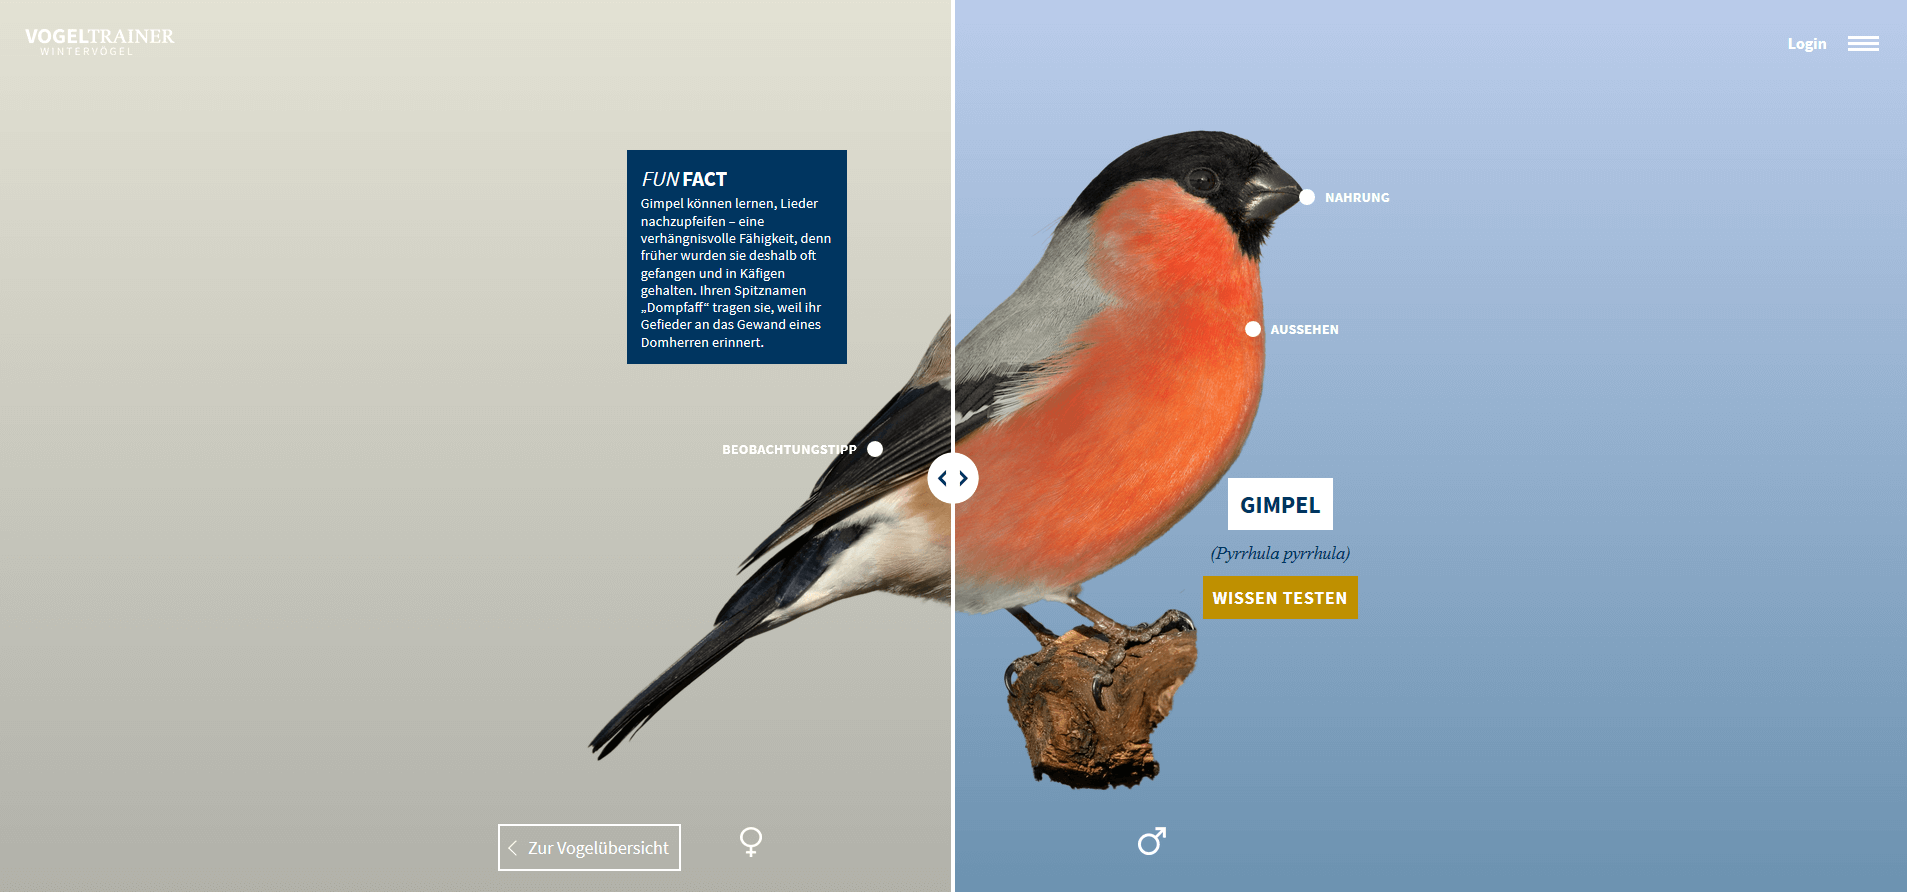 Vogelansicht Weibchen Maennchen